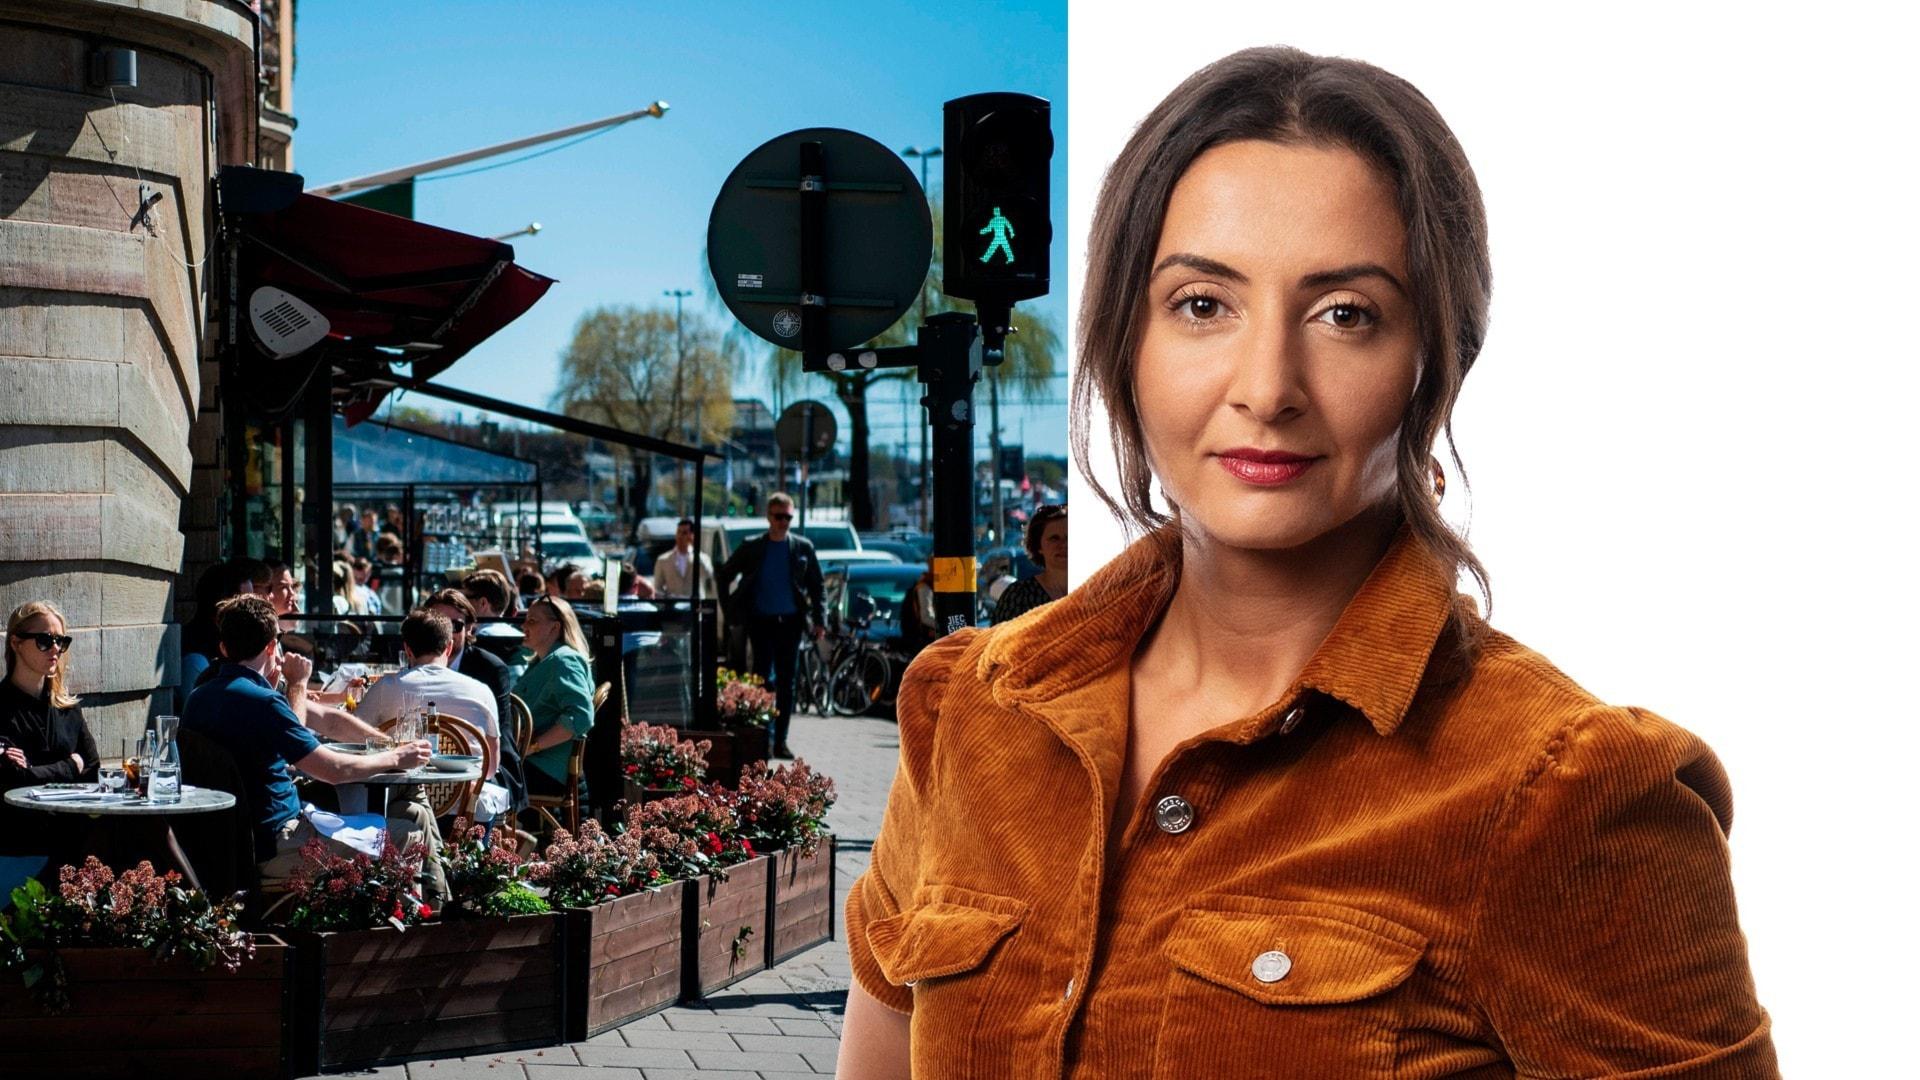 Finländska frågan: Vad håller svenskarna på med? Lubna El-Shanti, Östersjökorrespondent